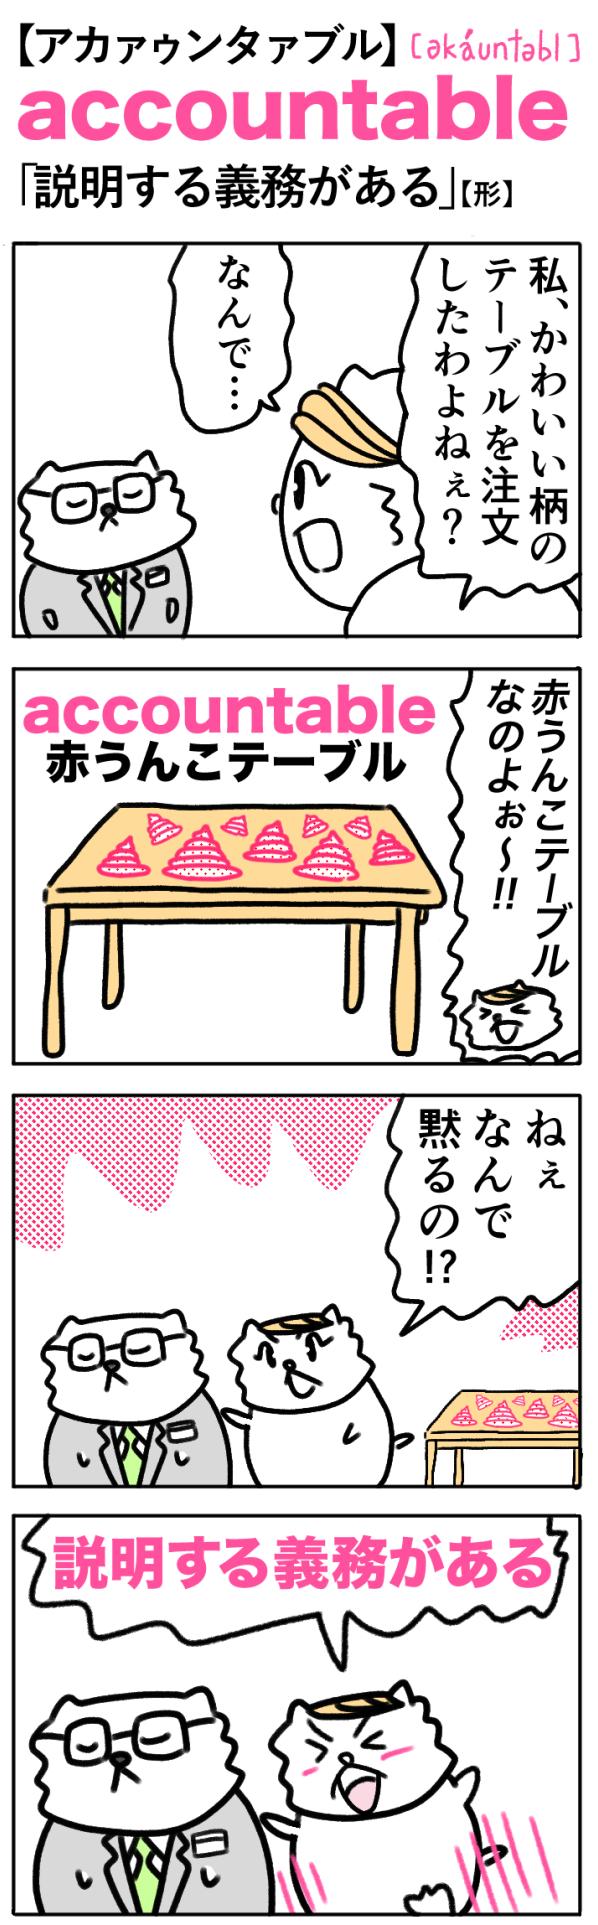 accountable(説明する義務がある)の語呂合わせ英単語